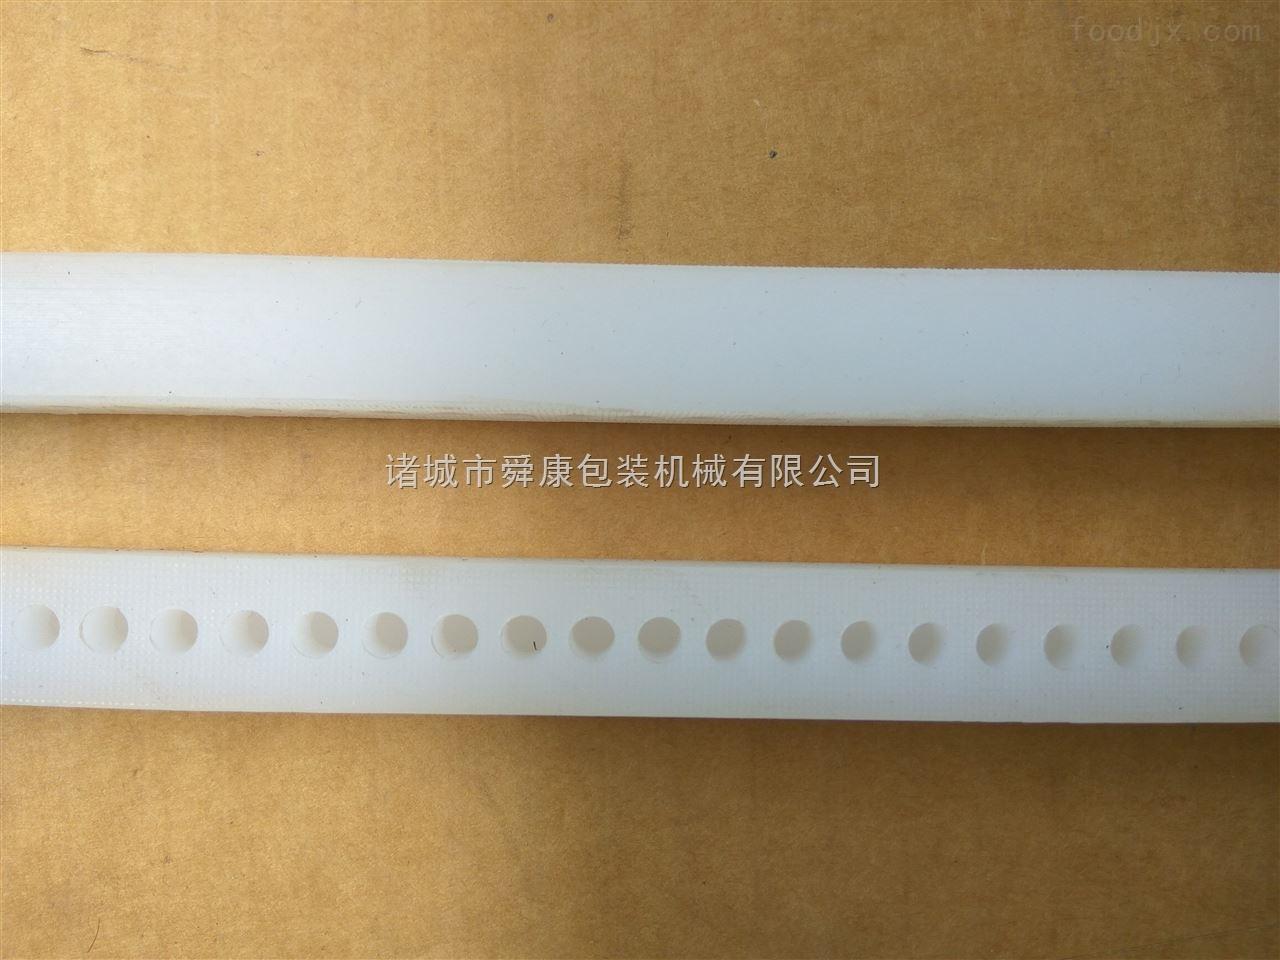 DZ-700真空机包装硅胶条/真空机配件/带边硅胶条